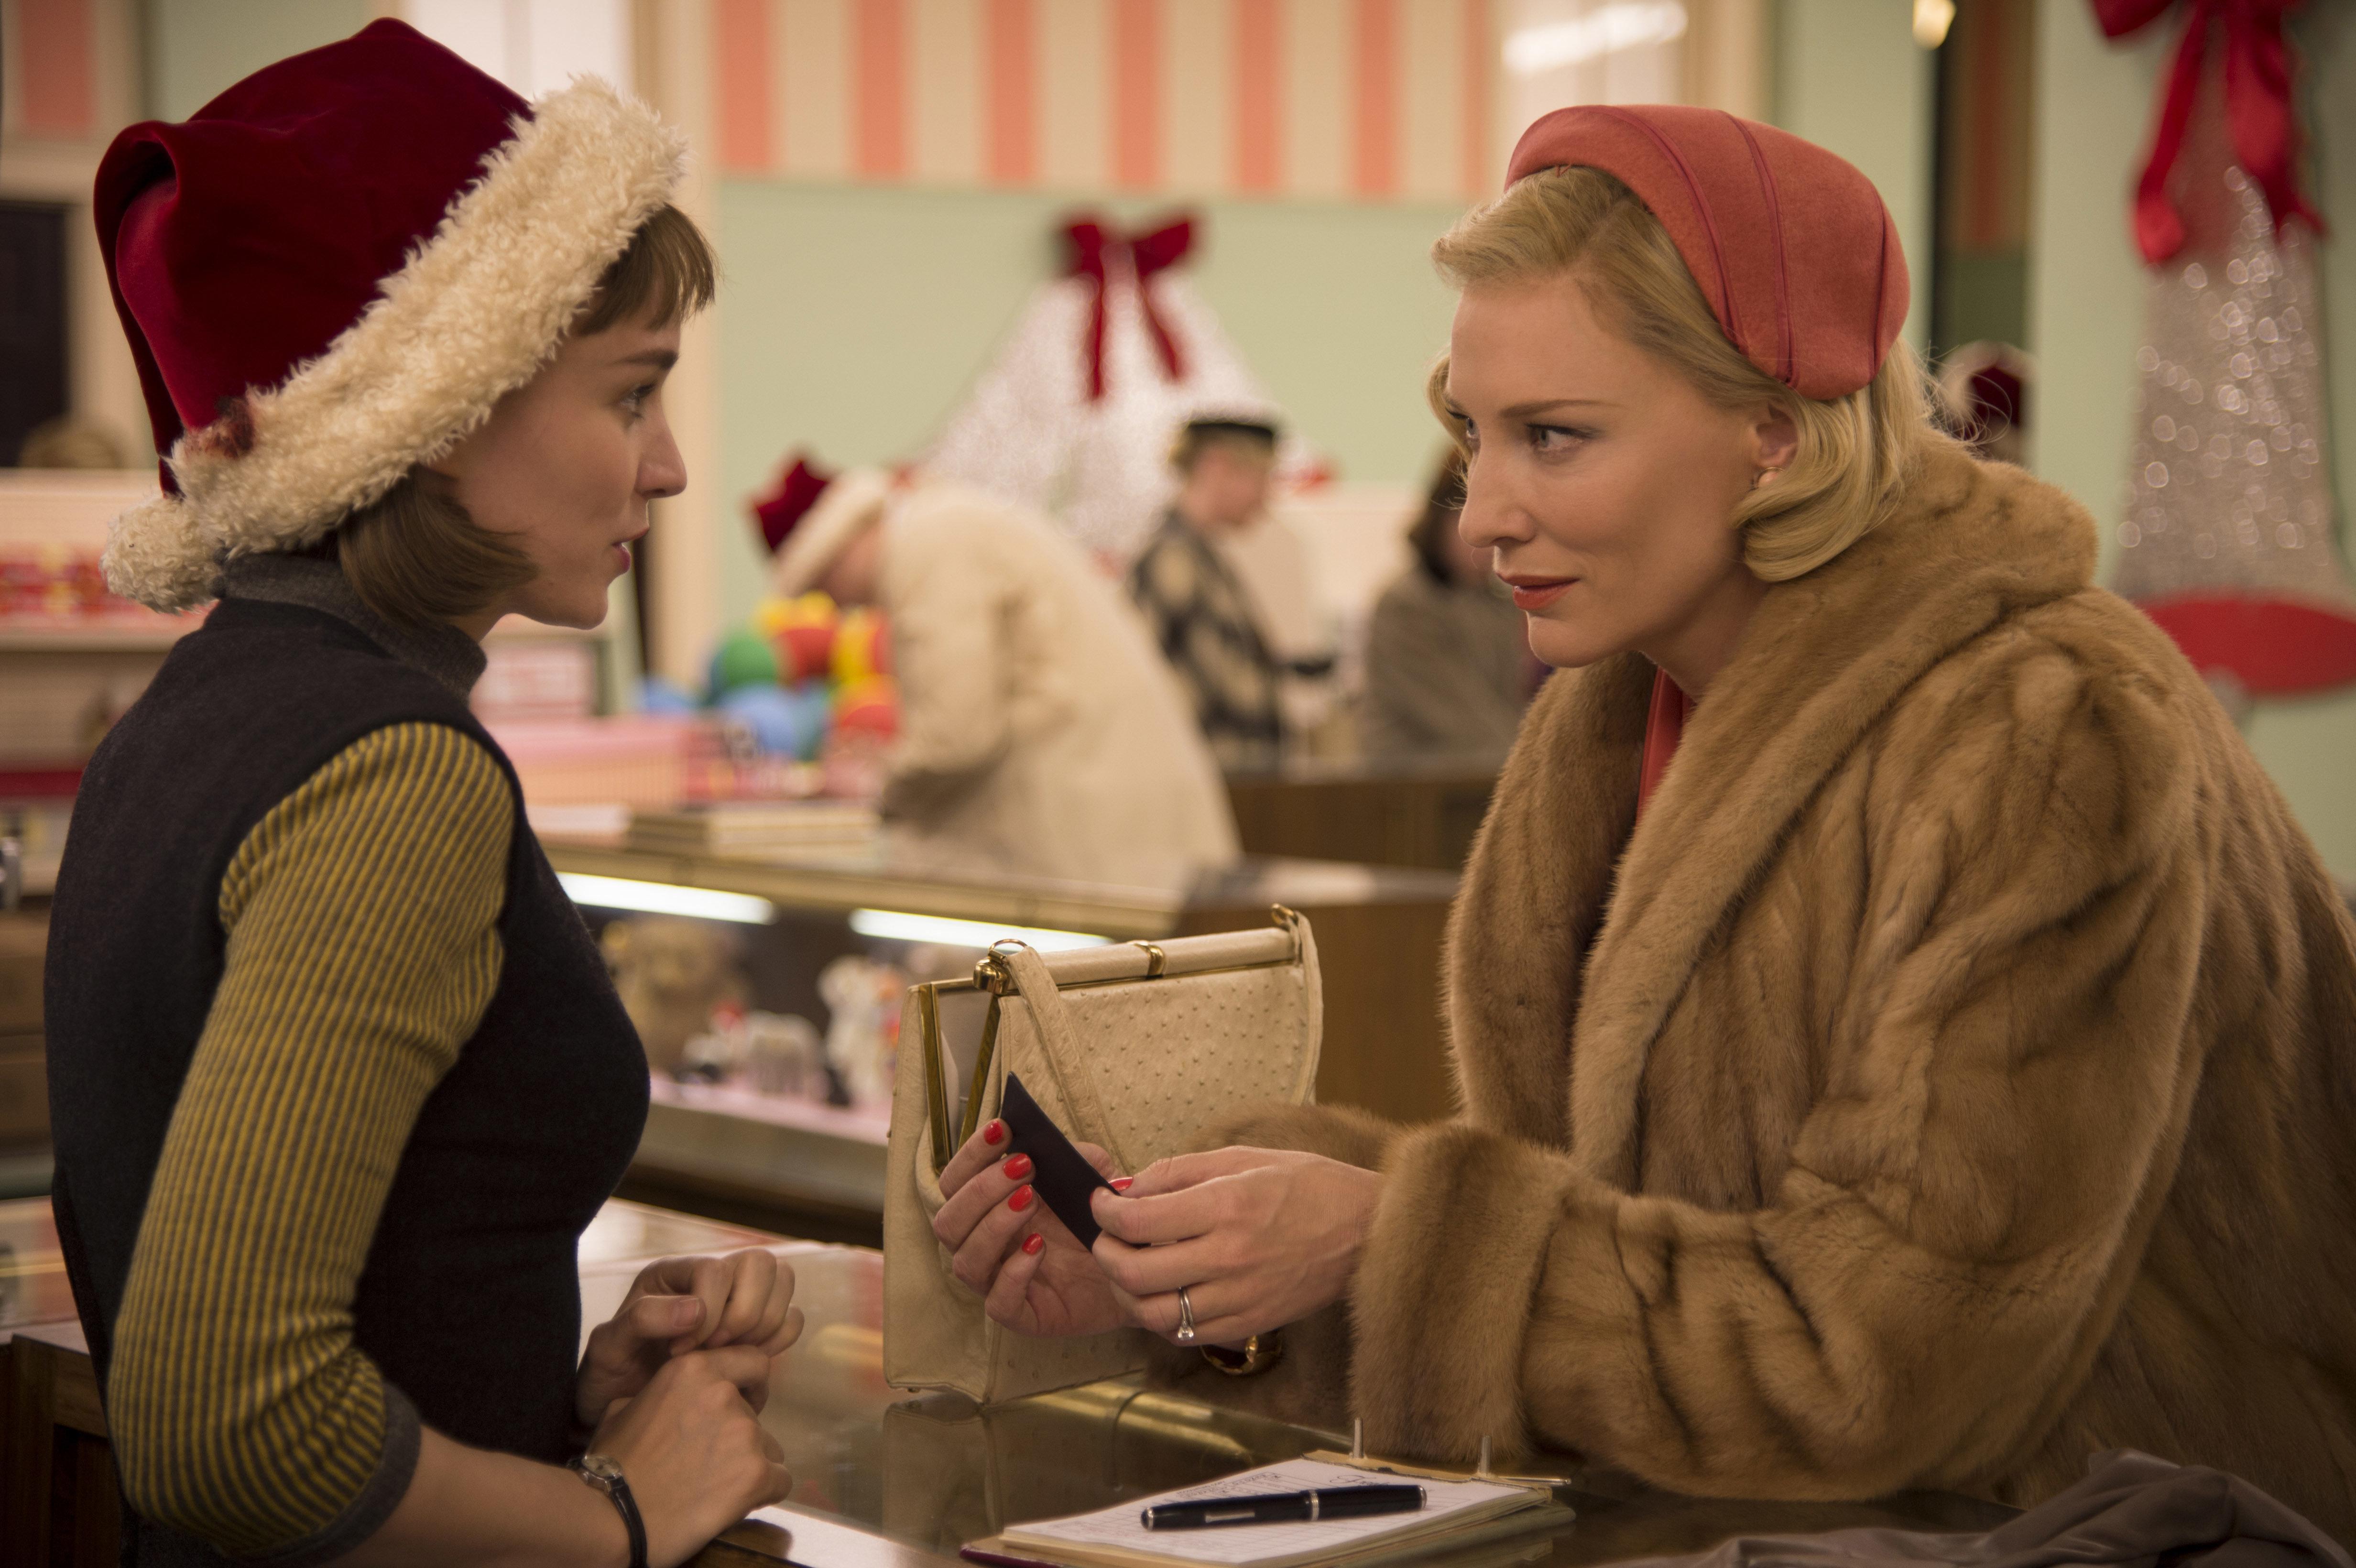 Rooney Mara and Cate Blanchett in